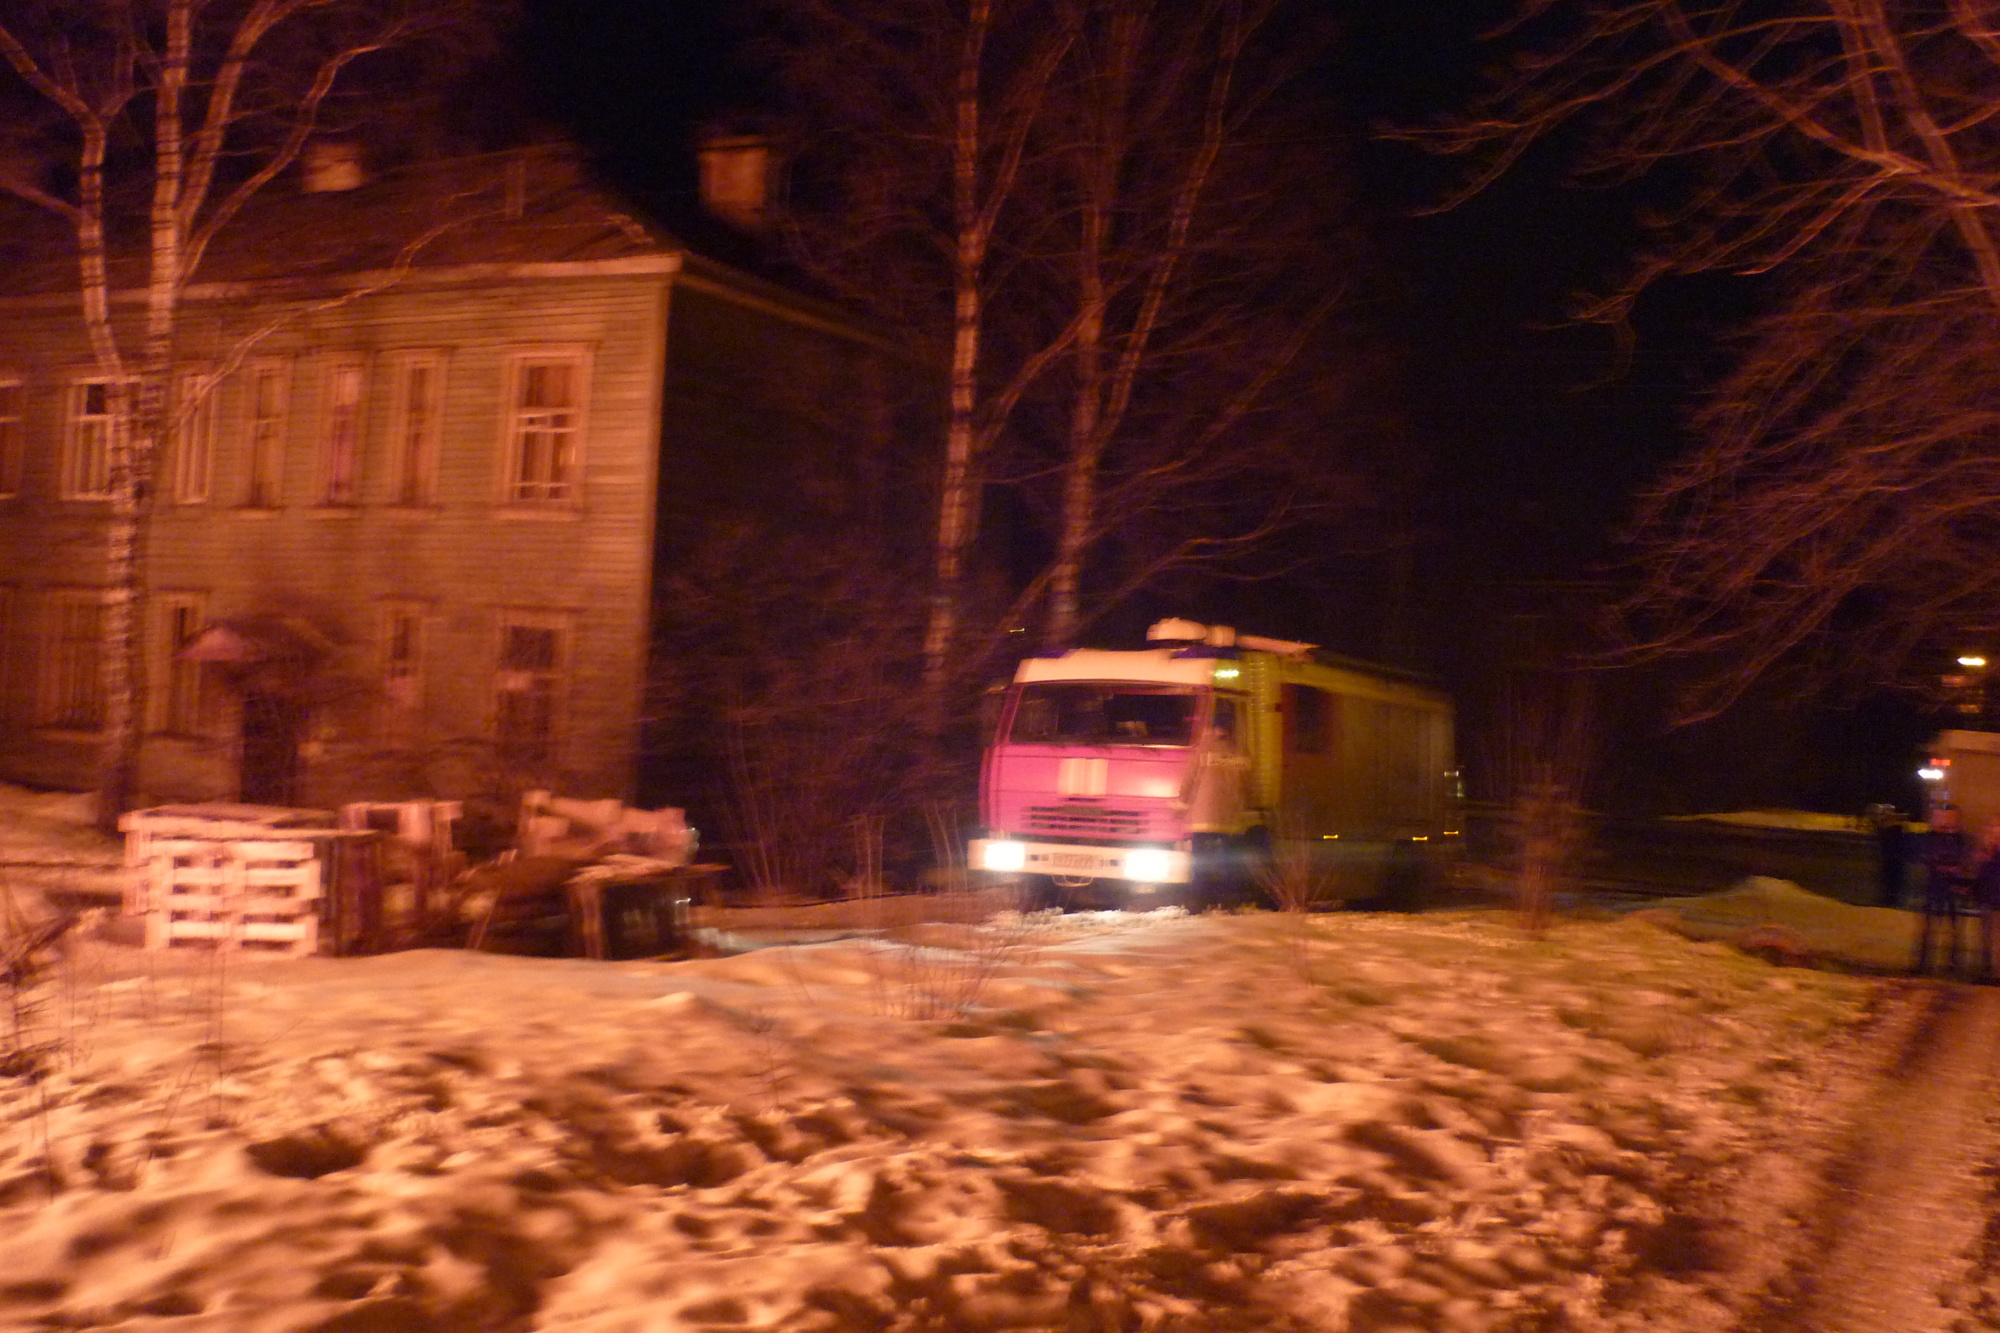 Пожарно-спасательные подразделения ликвидировали пожар в Мезенском районе Архангельской области.